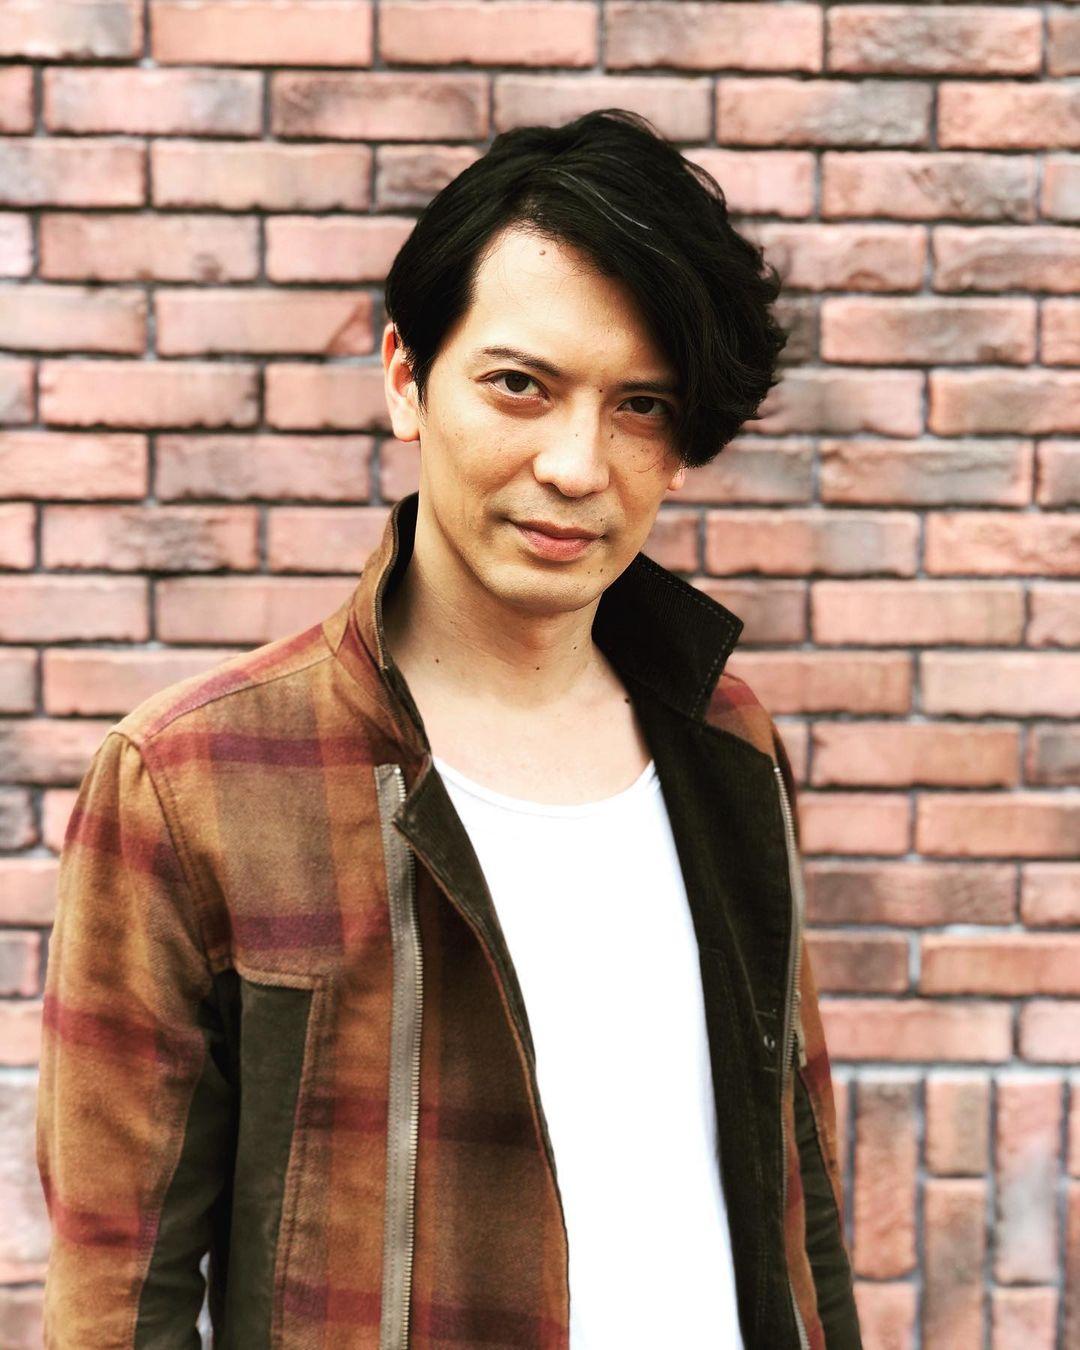 Ảnh cố diễn viên Akira Kubodera trên trang chủ công ty hôm 12/10. Ảnh: Instagram Hirataoffice.staff.